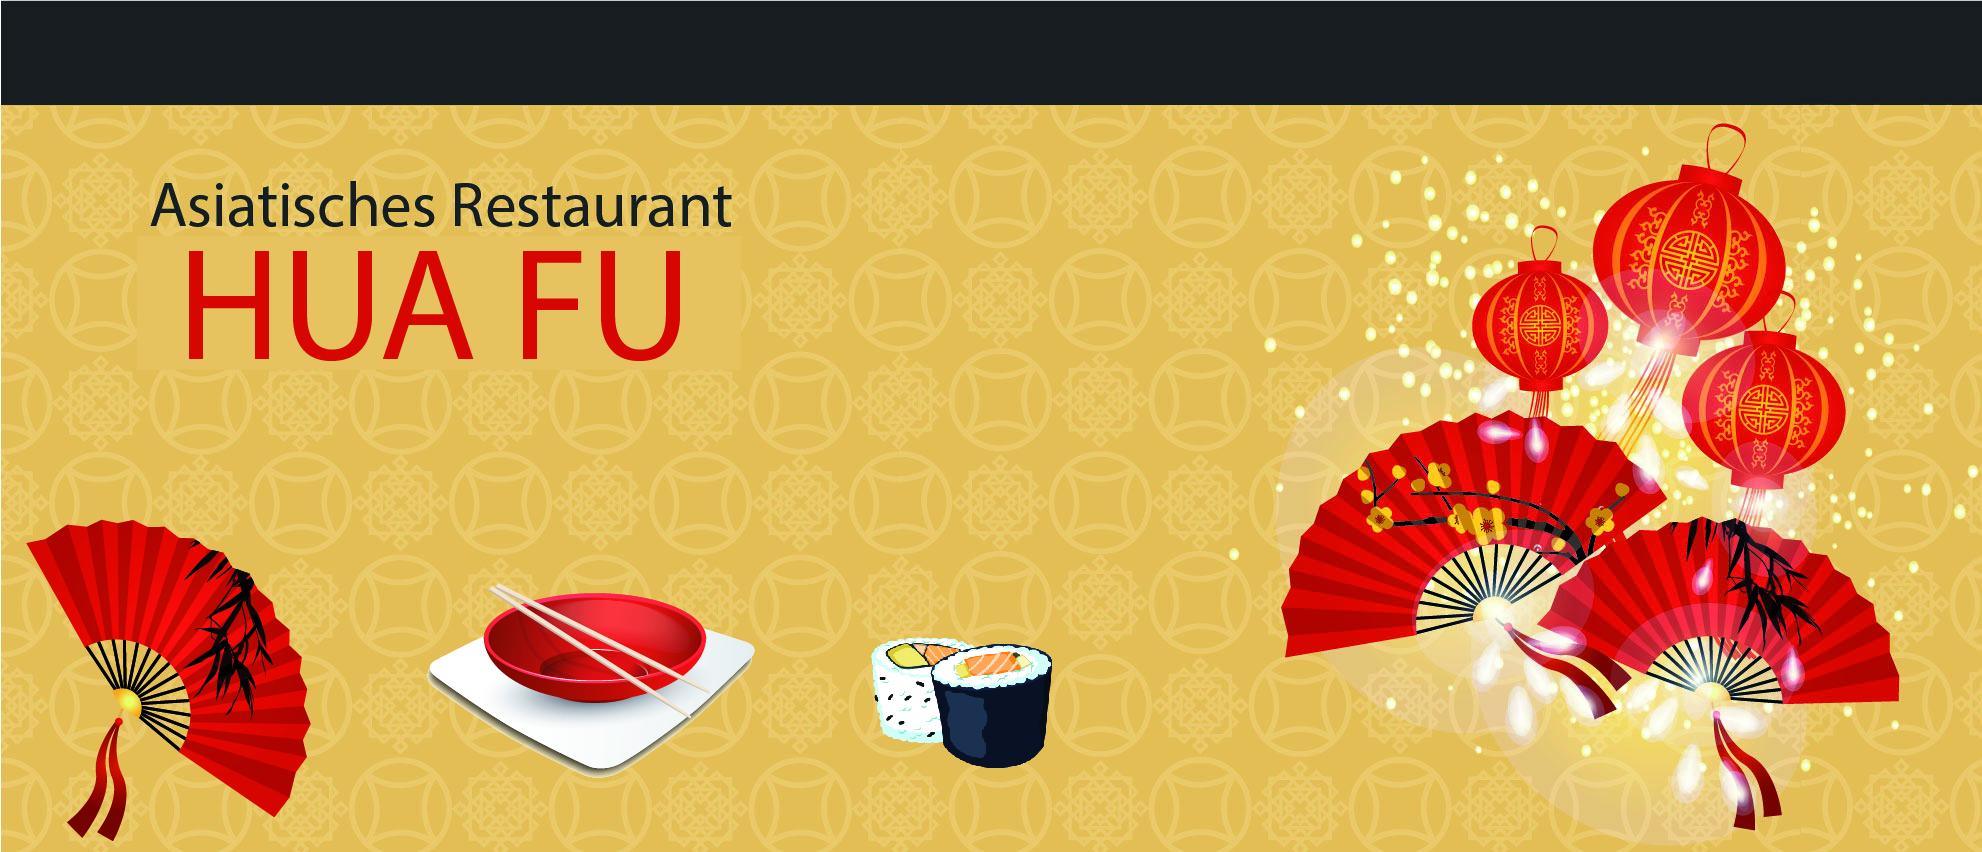 Asiatisches - Chinesisches Restaurant in Lohne - Asia, China, Mongolisches, Thai